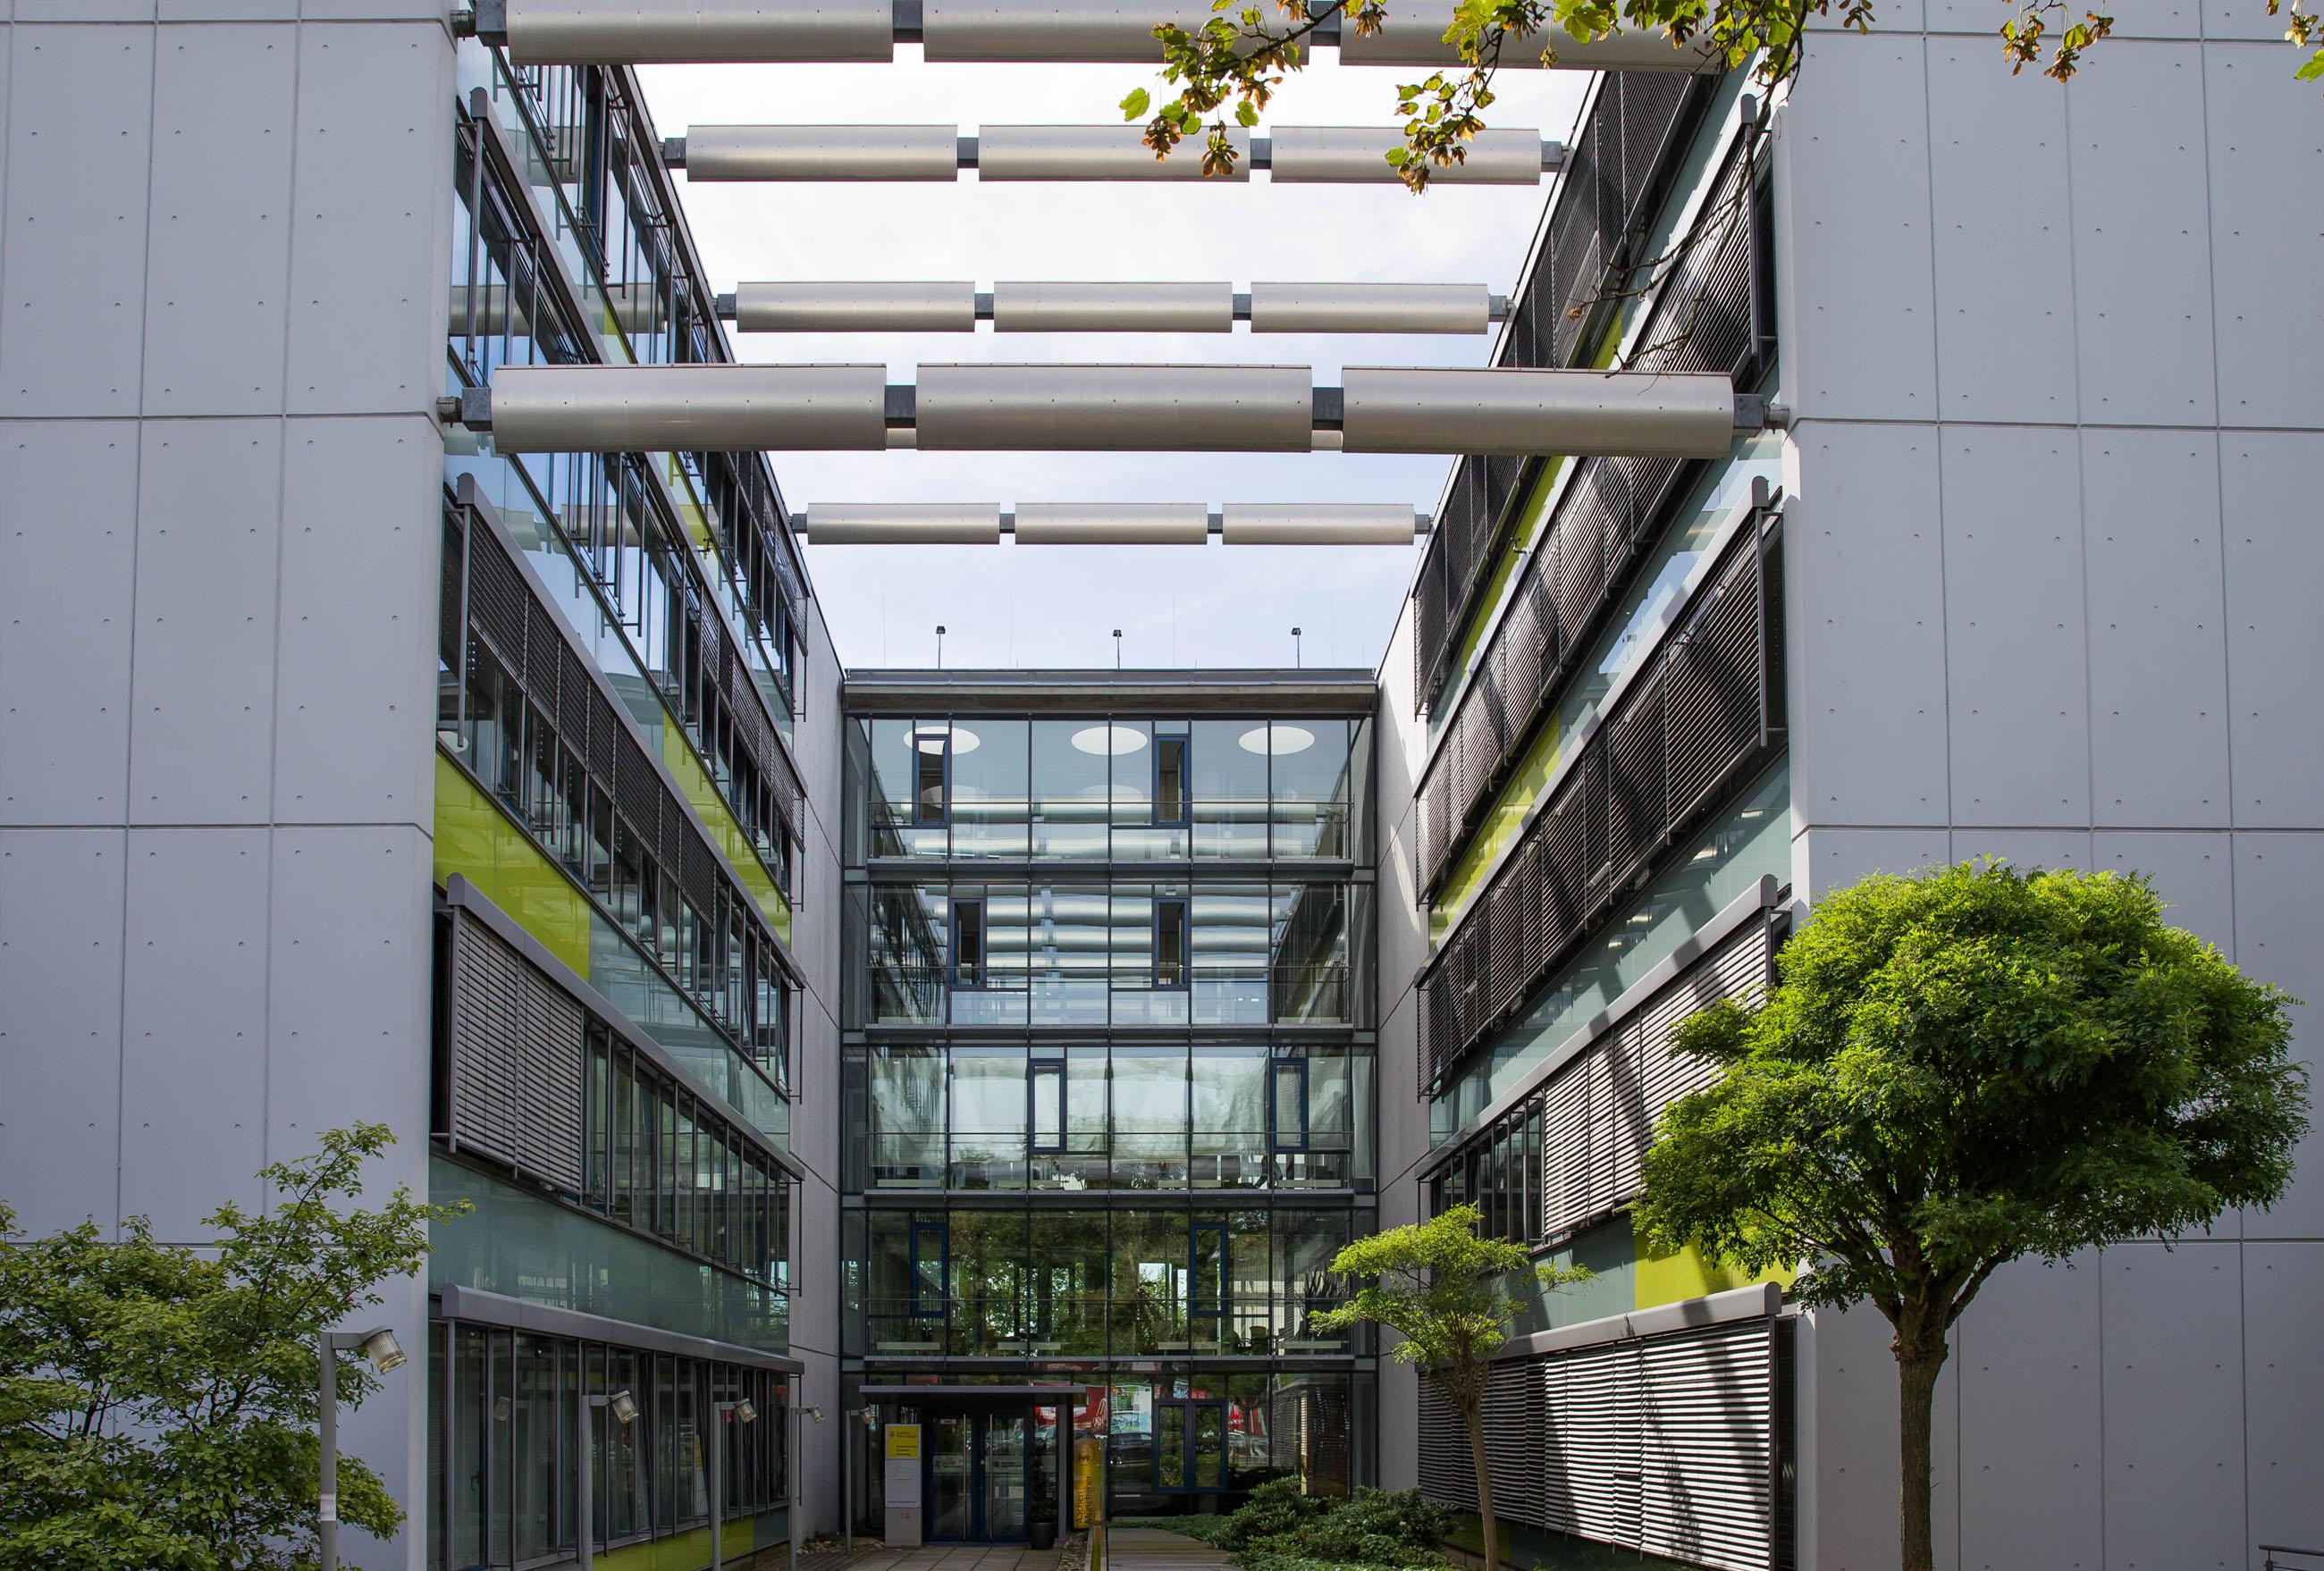 Gebäude mit vielen Fenstern und Pflanzen